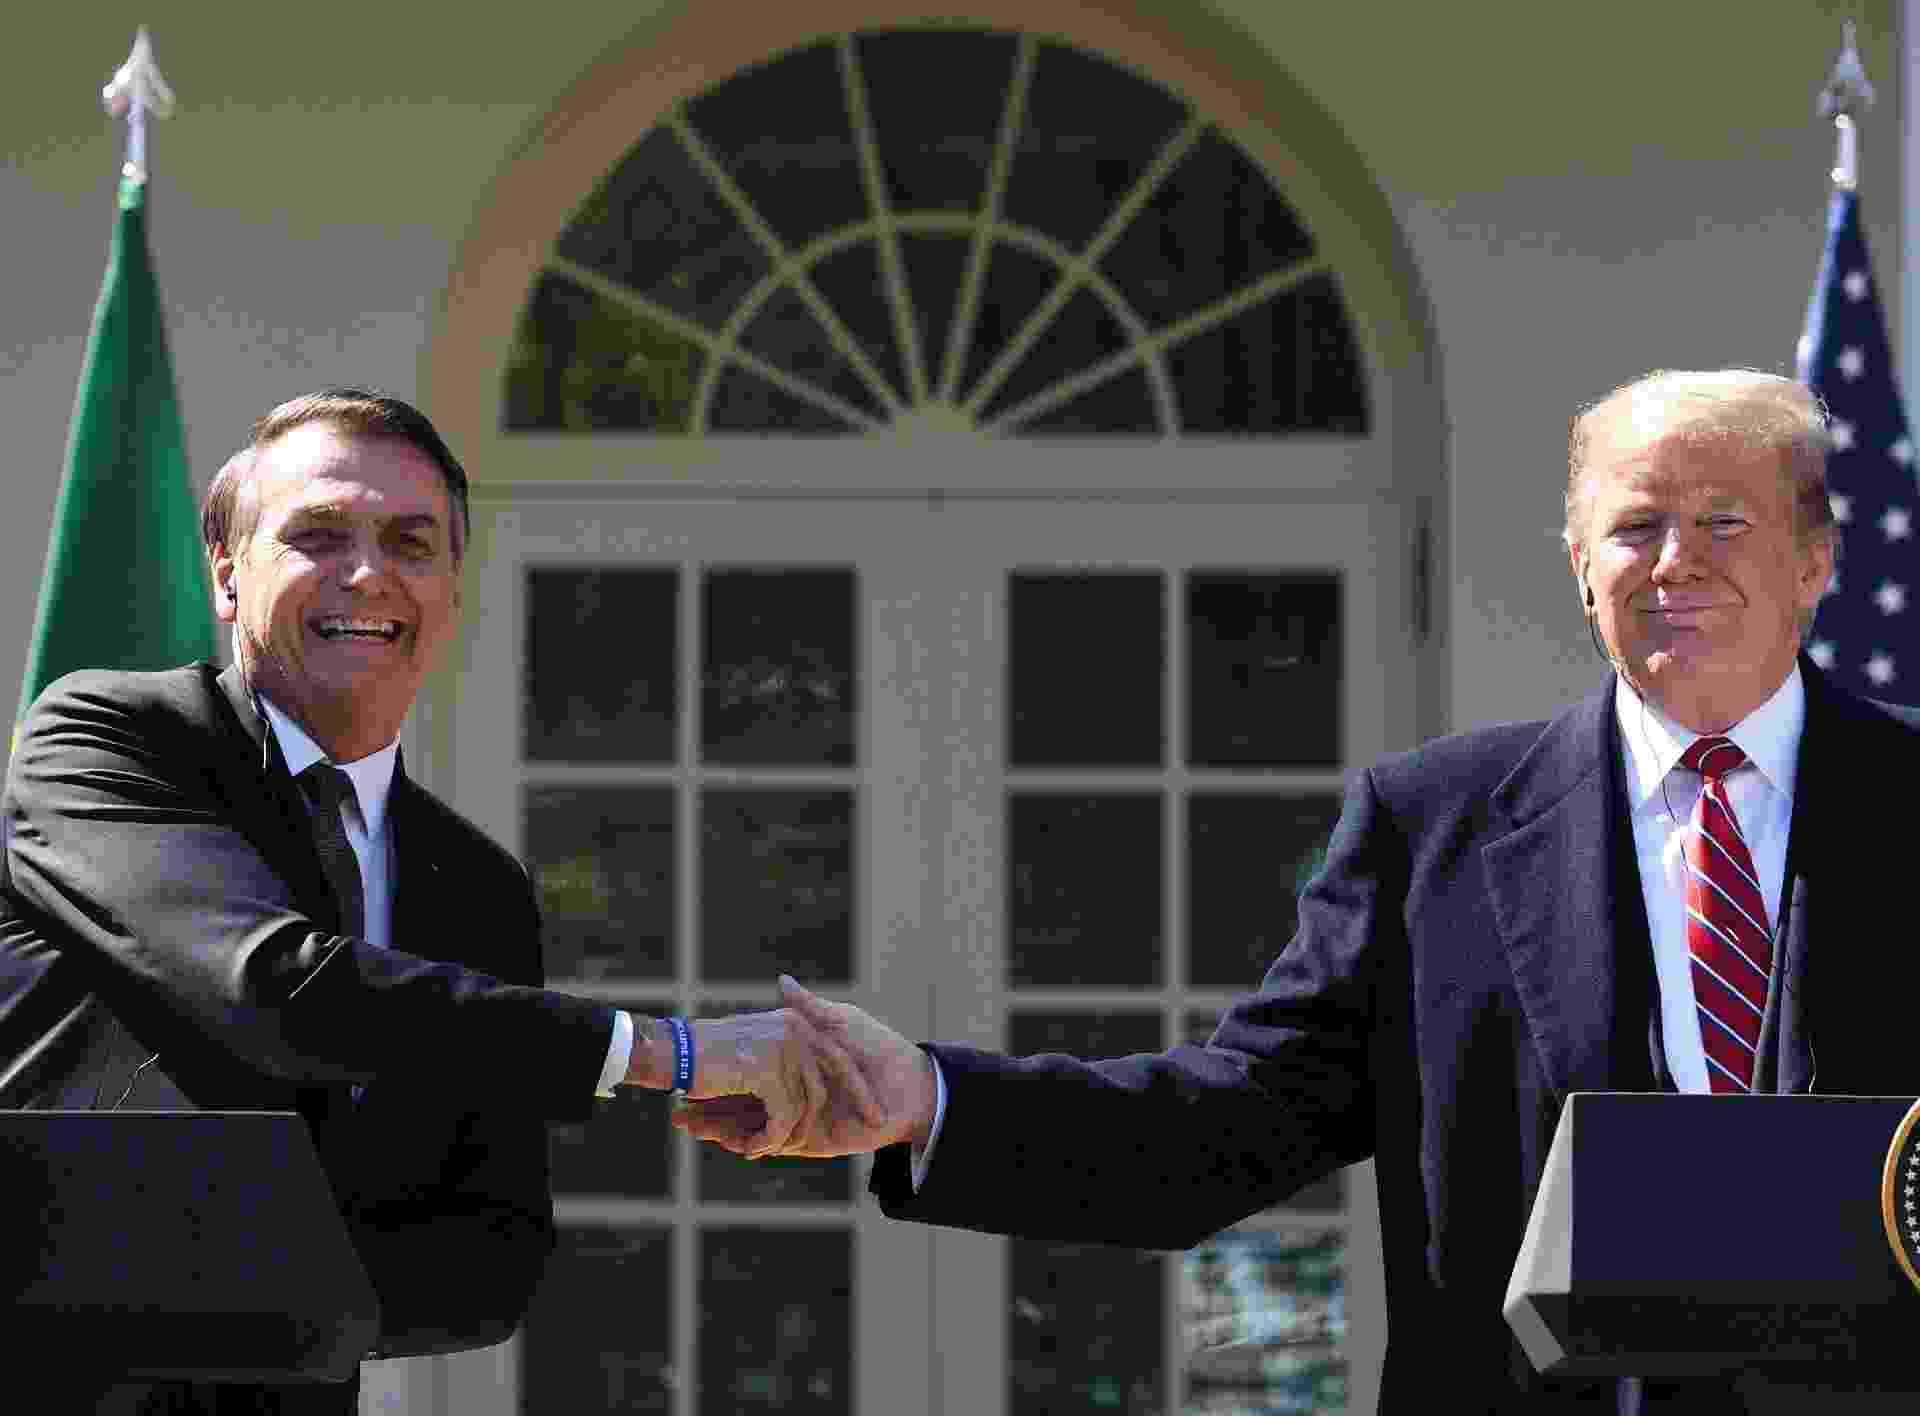 """Segundo Eduardo Bolsonaro, o encontro entre os dois presidentes teve clima de descontração. """"Parecia um bate papo entre velhos amigos"""", declarou o deputado federal, filho do presidente - AFP"""